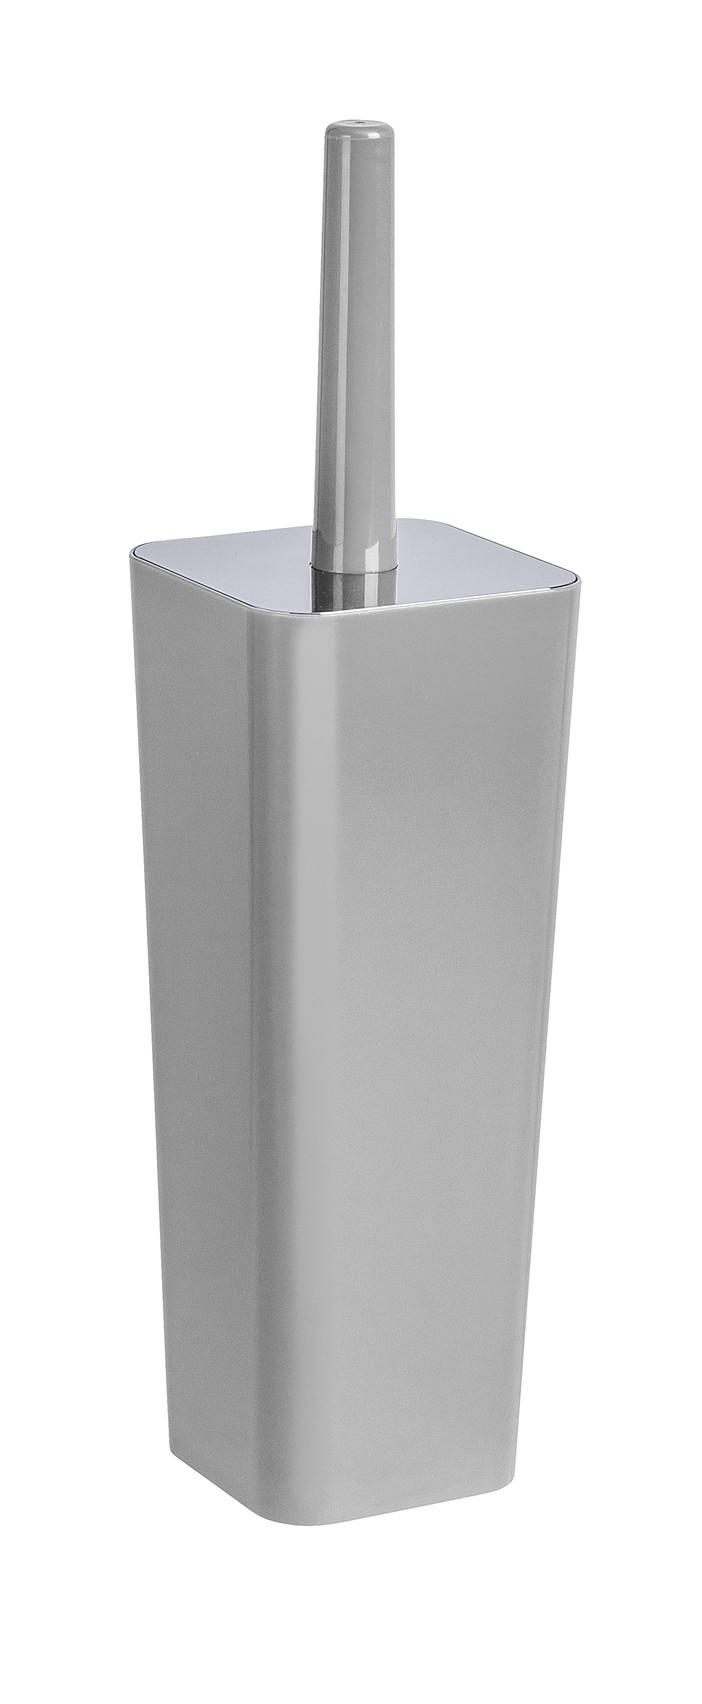 Wenko WC-Garnitur Candy Grey, geschlossene Form